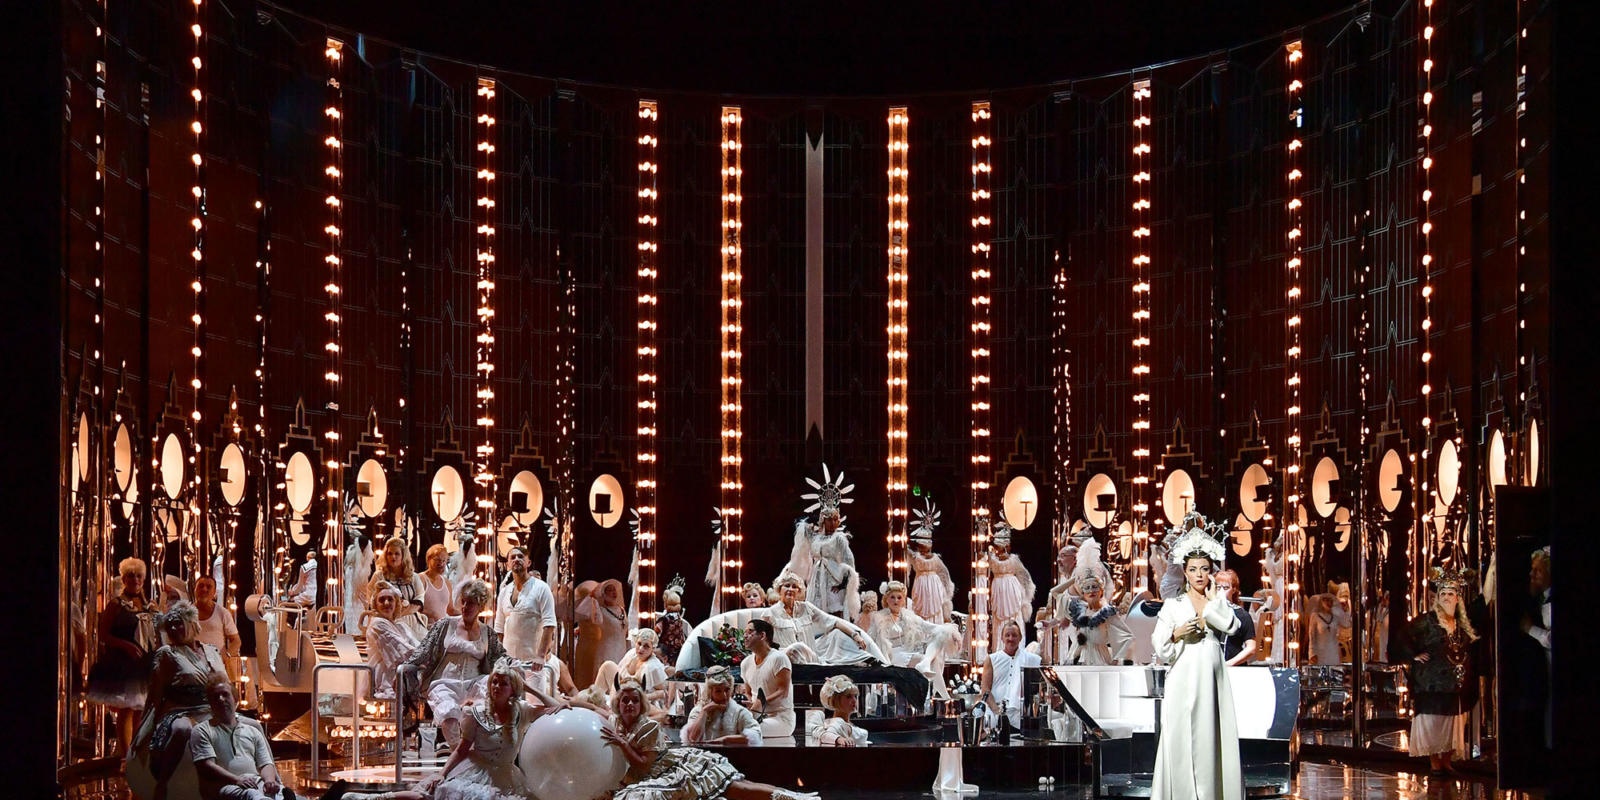 La-traviata_Chor-Winters-®-Sandra-Then